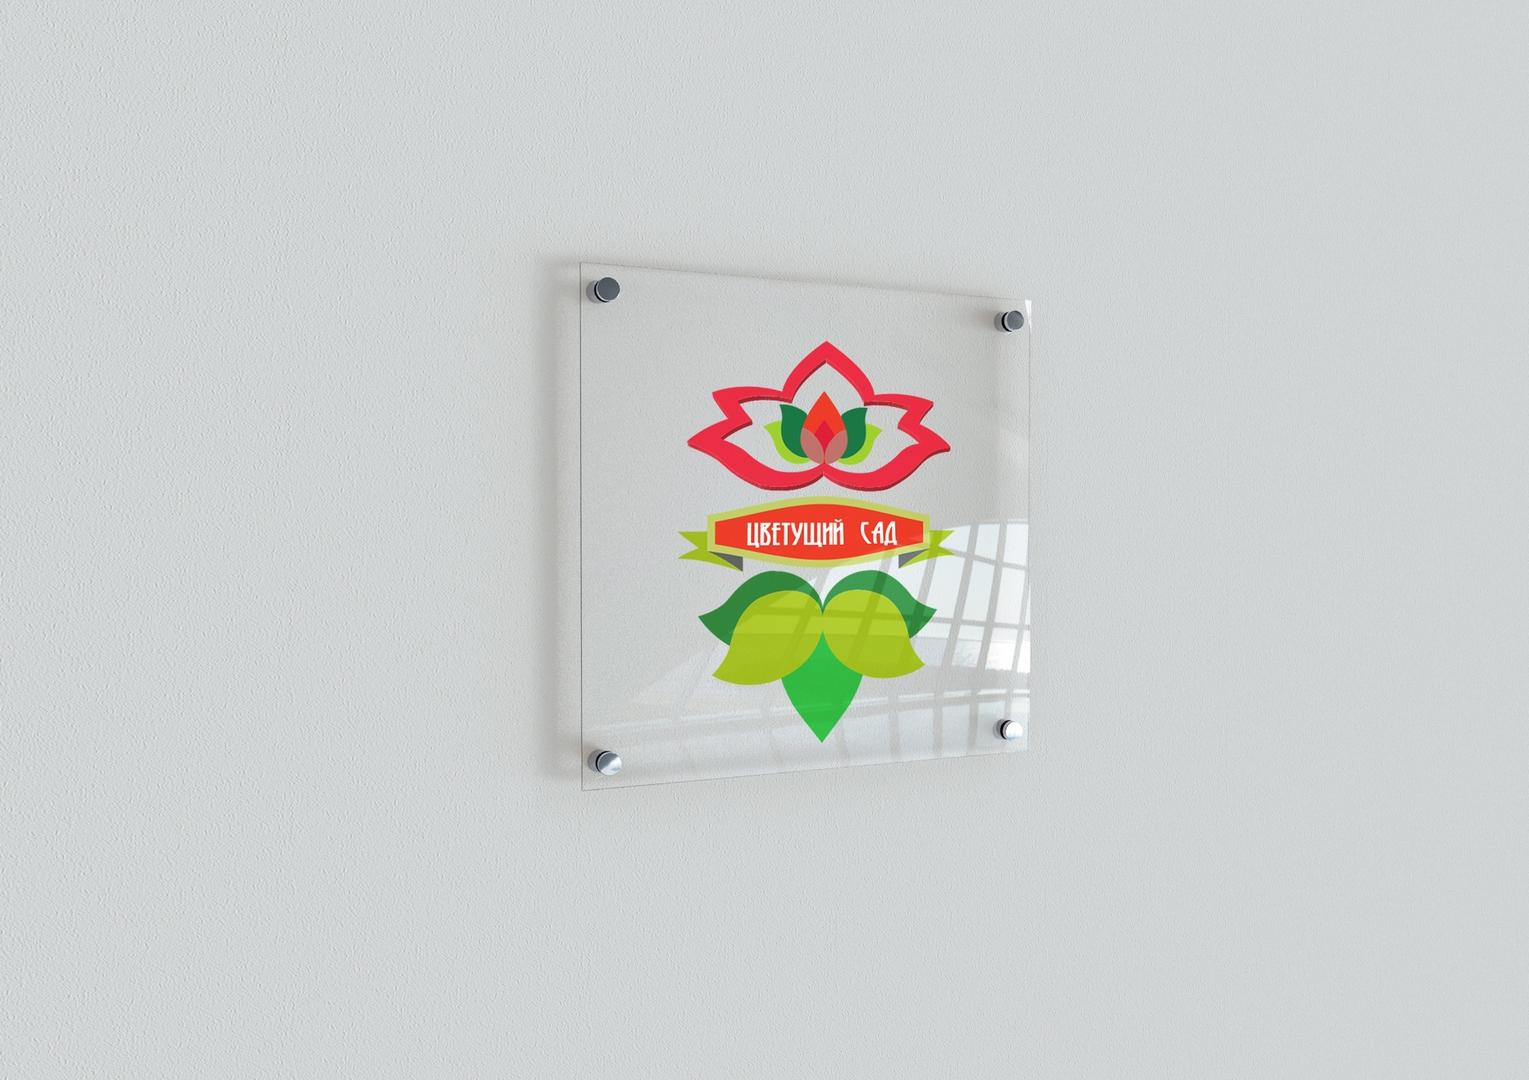 """Логотип для компании """"Цветущий сад"""" фото f_1215b6ae16b2d8a0.jpg"""